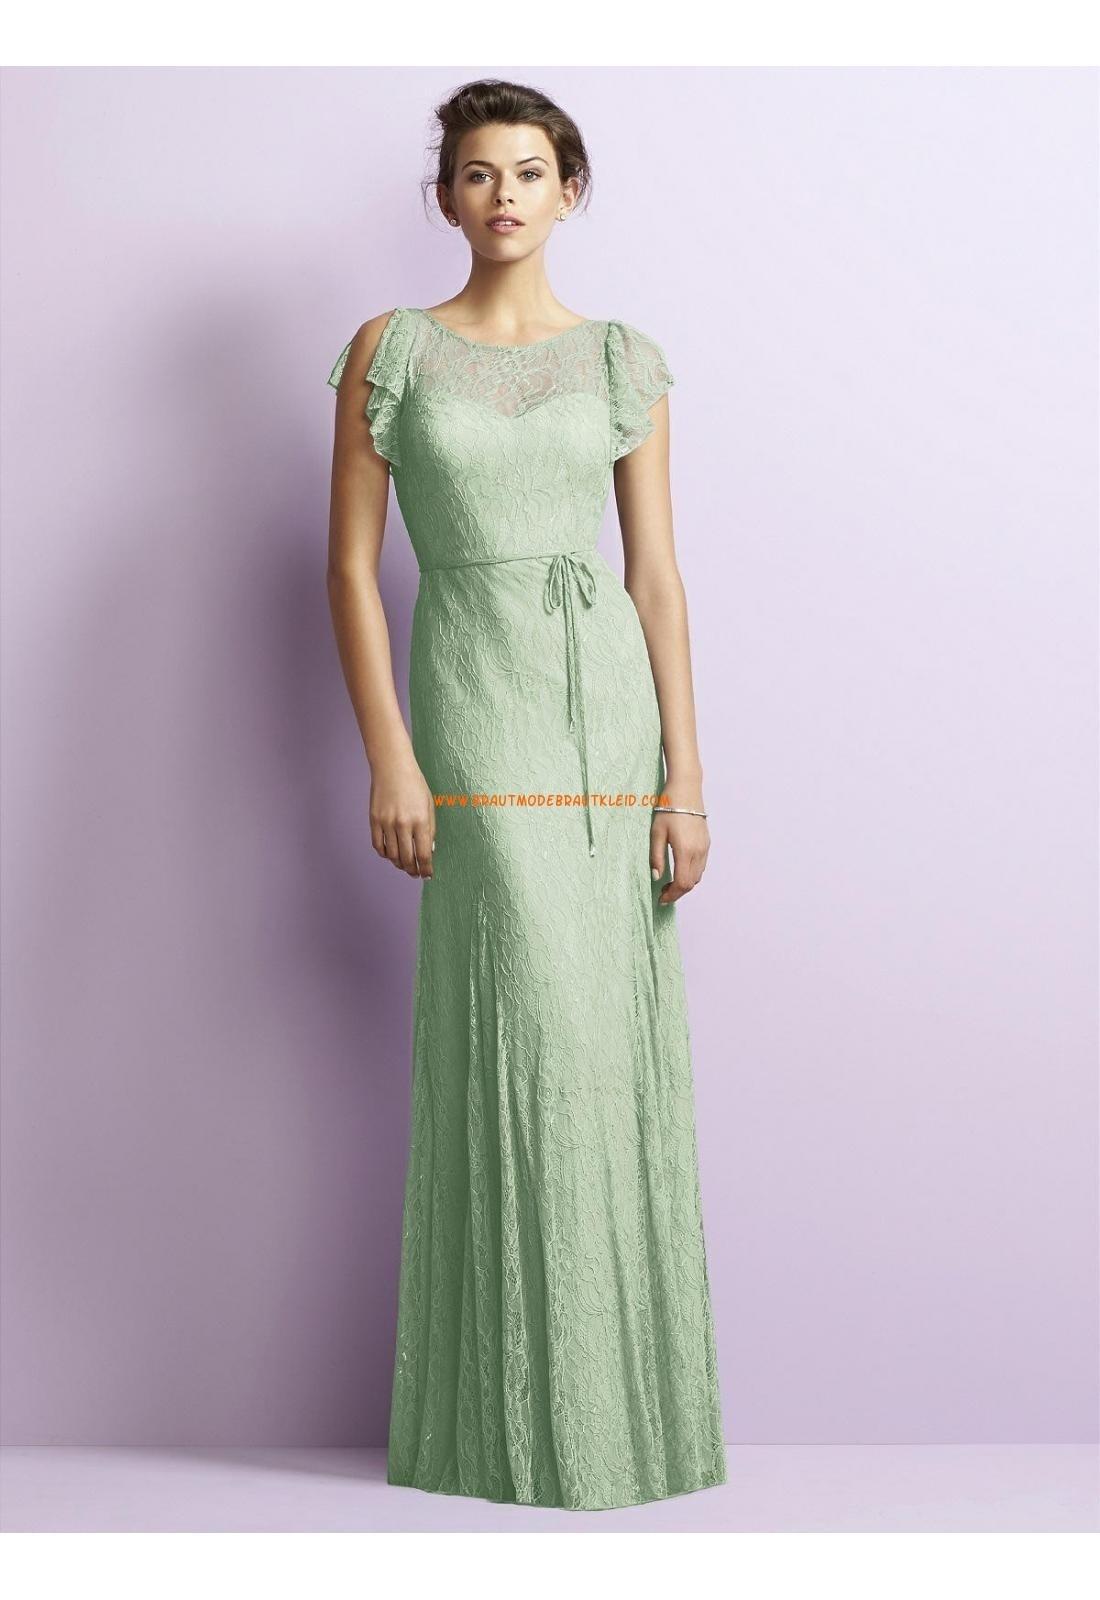 Designer Fantastisch Sehr Schöne Abendkleider für 2019Abend Einfach Sehr Schöne Abendkleider Galerie